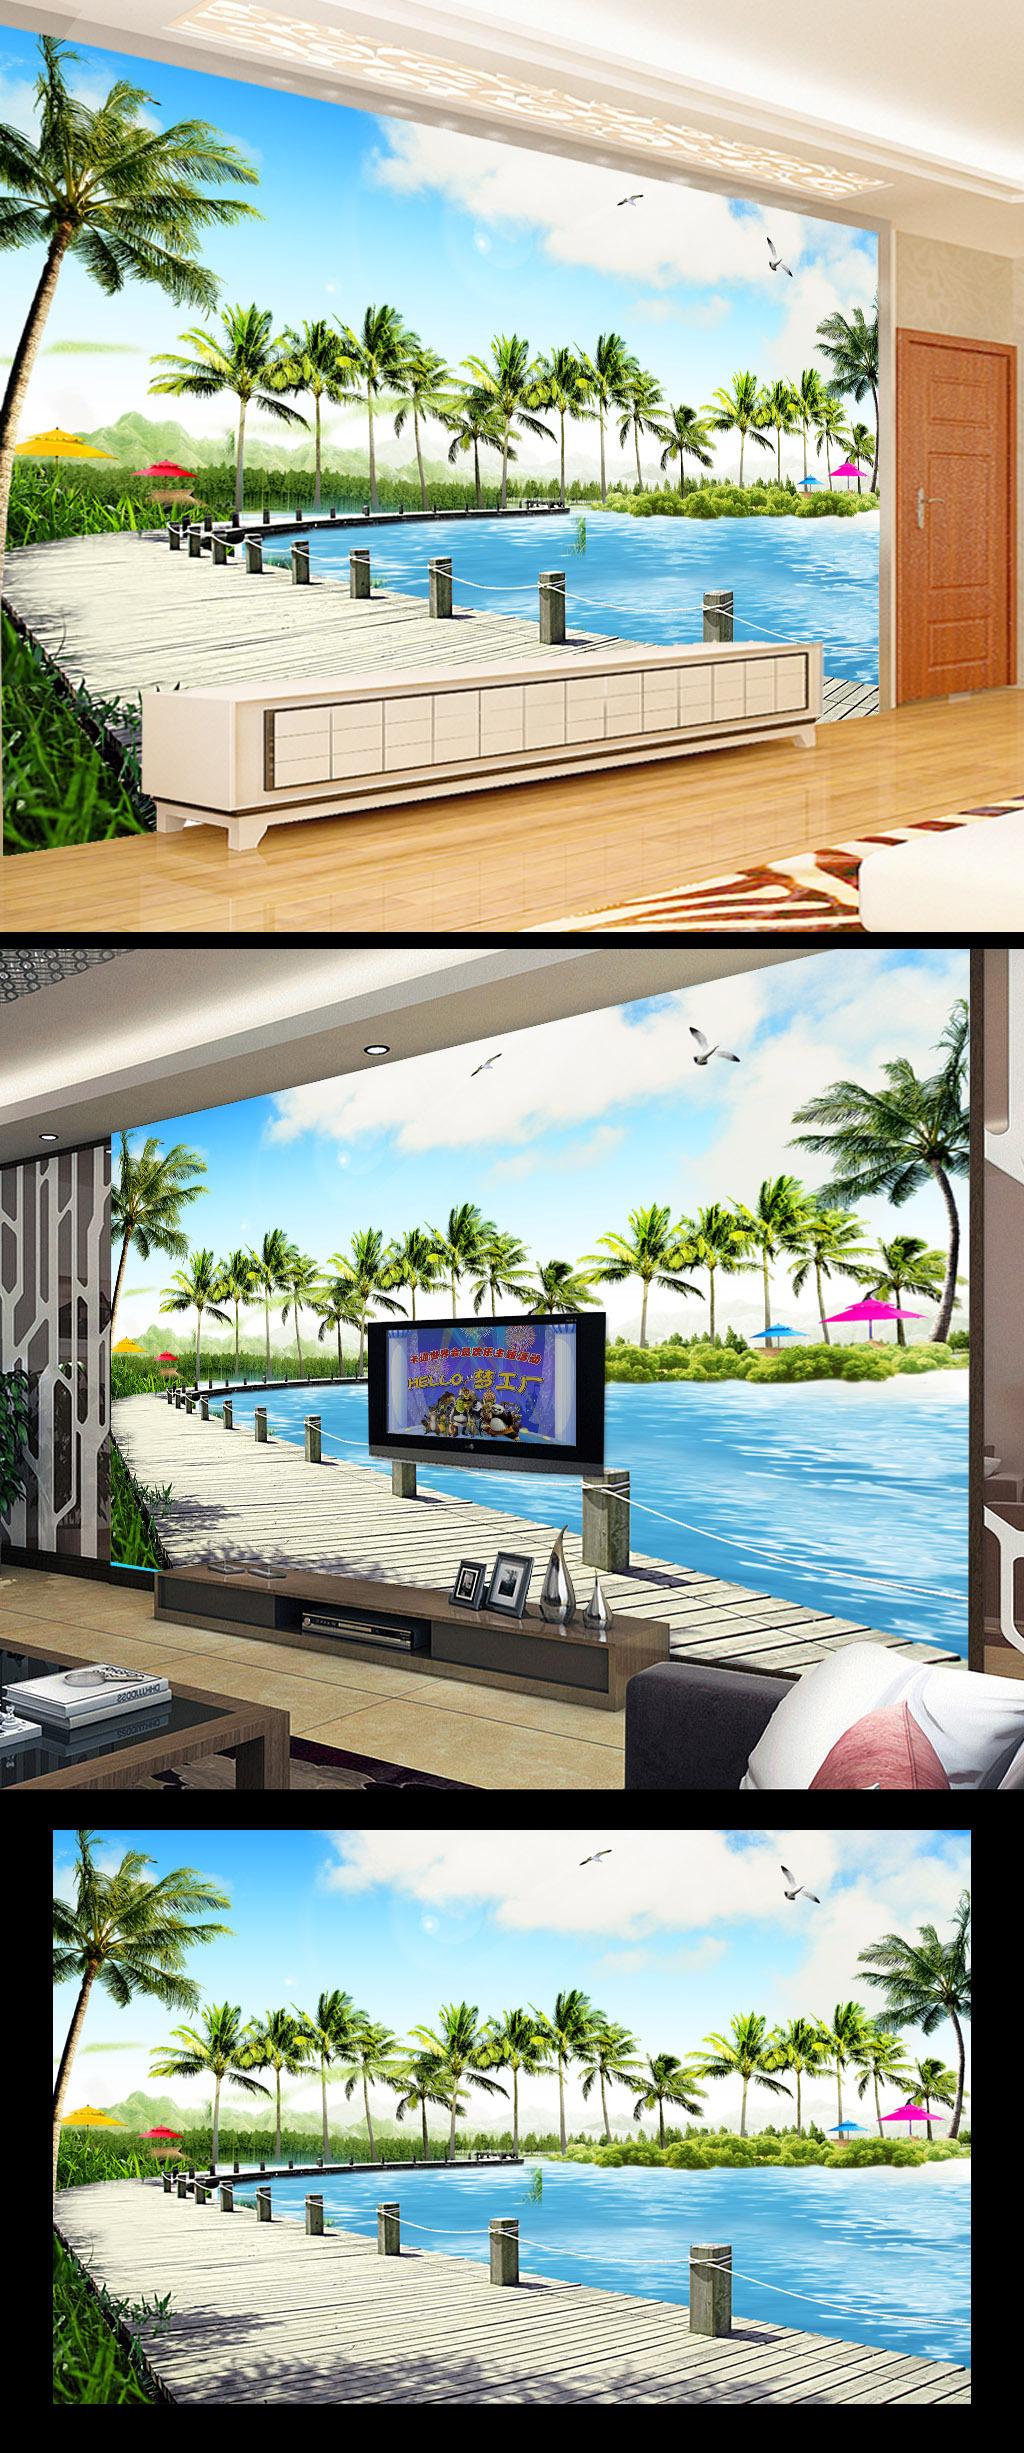 精美木电视椰树大海风景画珠宝栈桥墙最新背景厂3d设计招聘图片